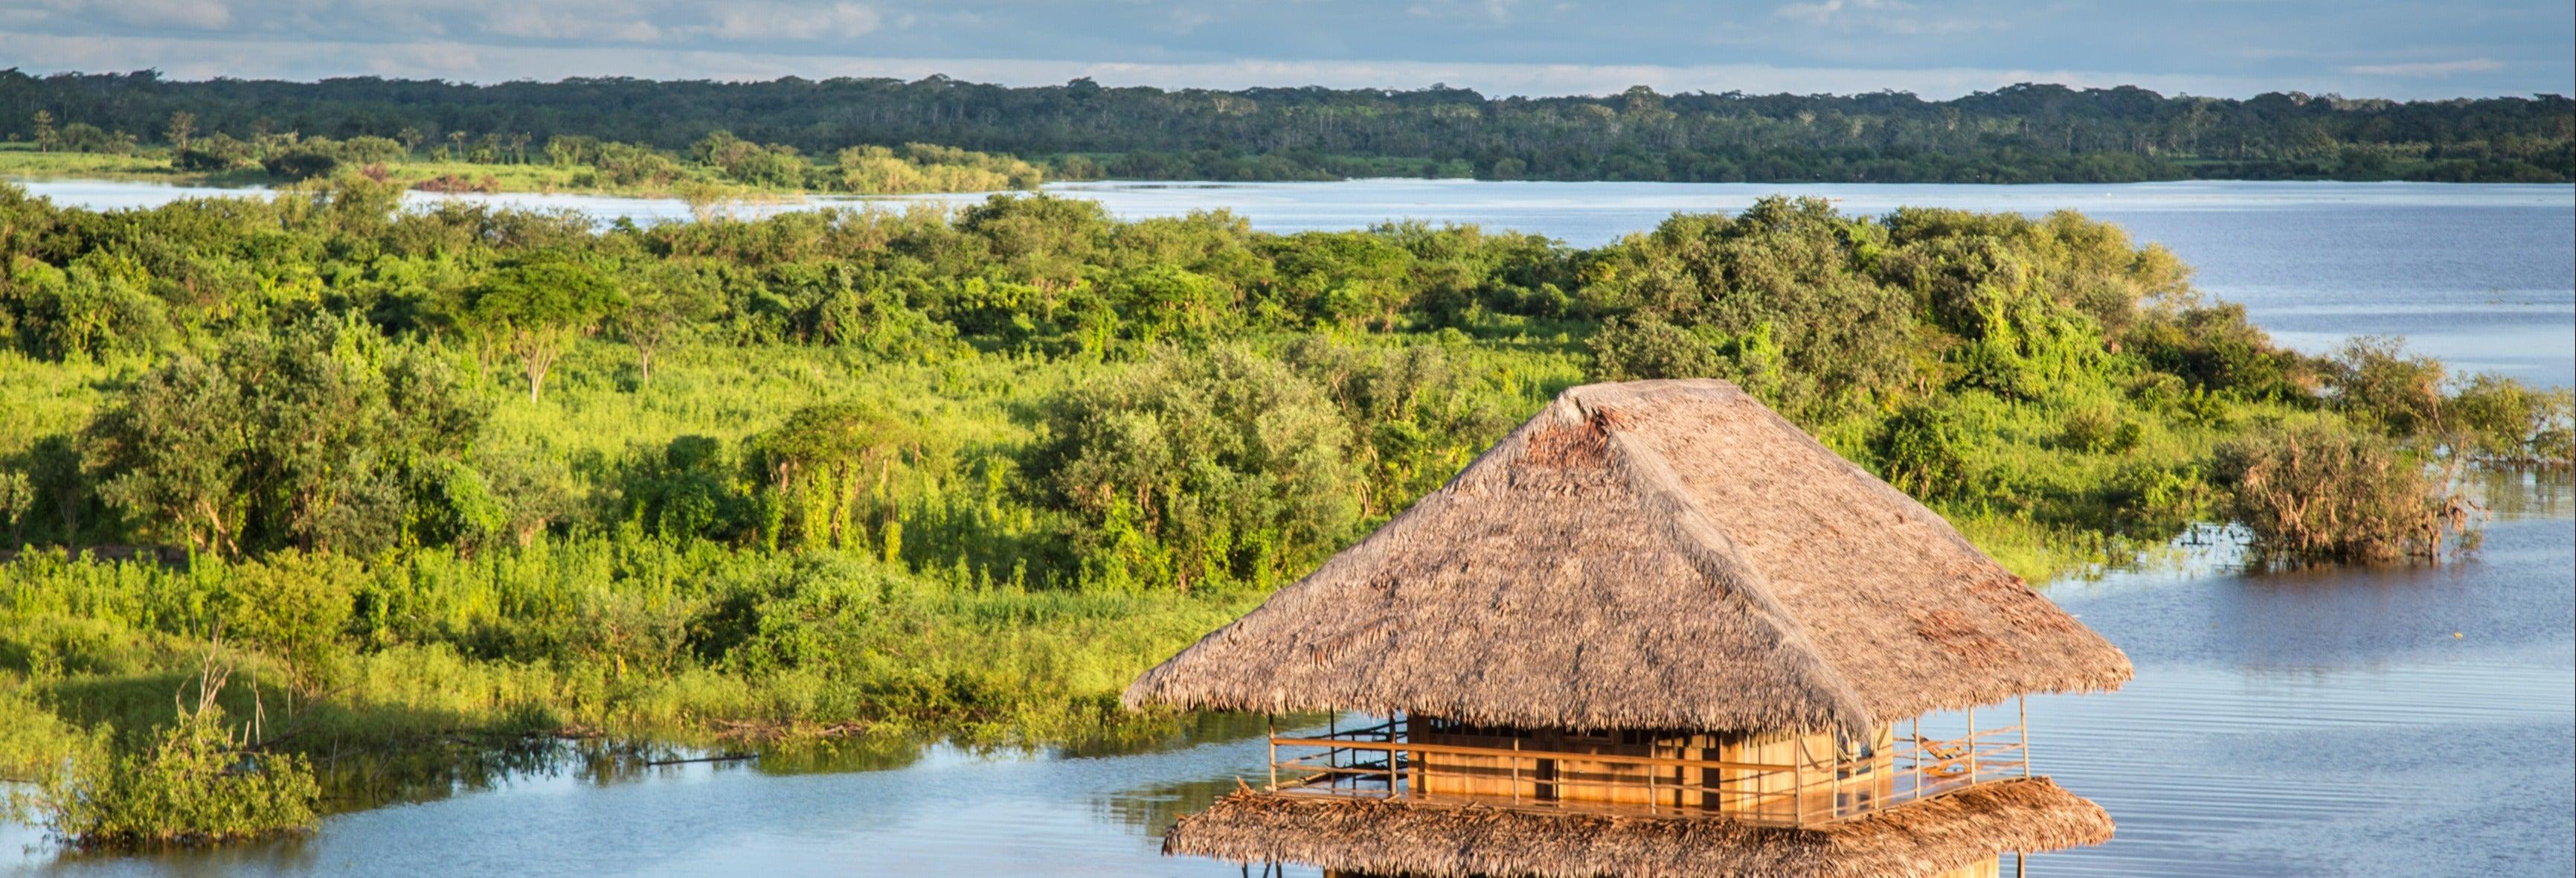 Excursion de 2 jours sur l'Amazone